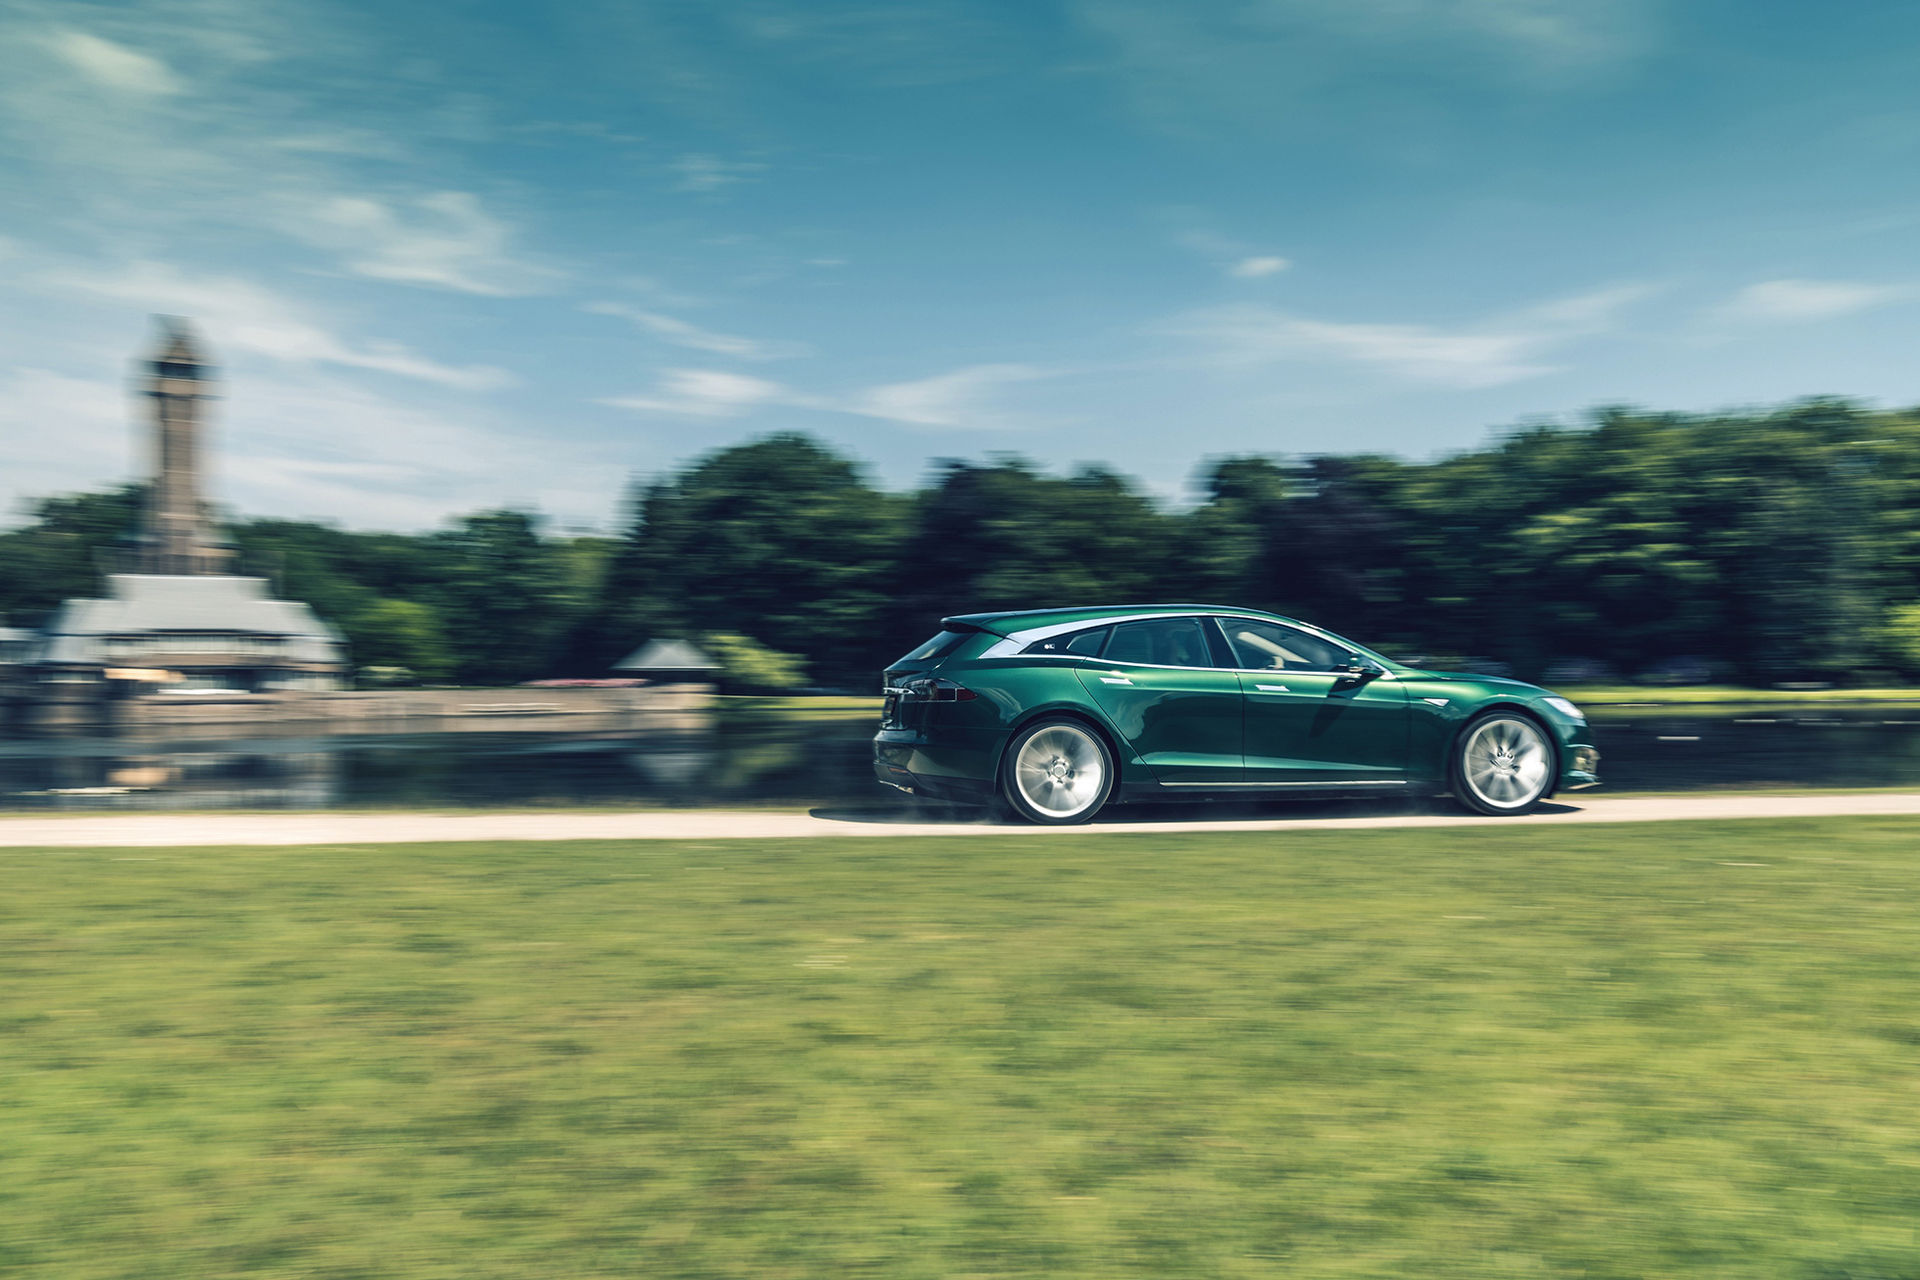 RemetzCar visar också kombi-version av Tesla Model S